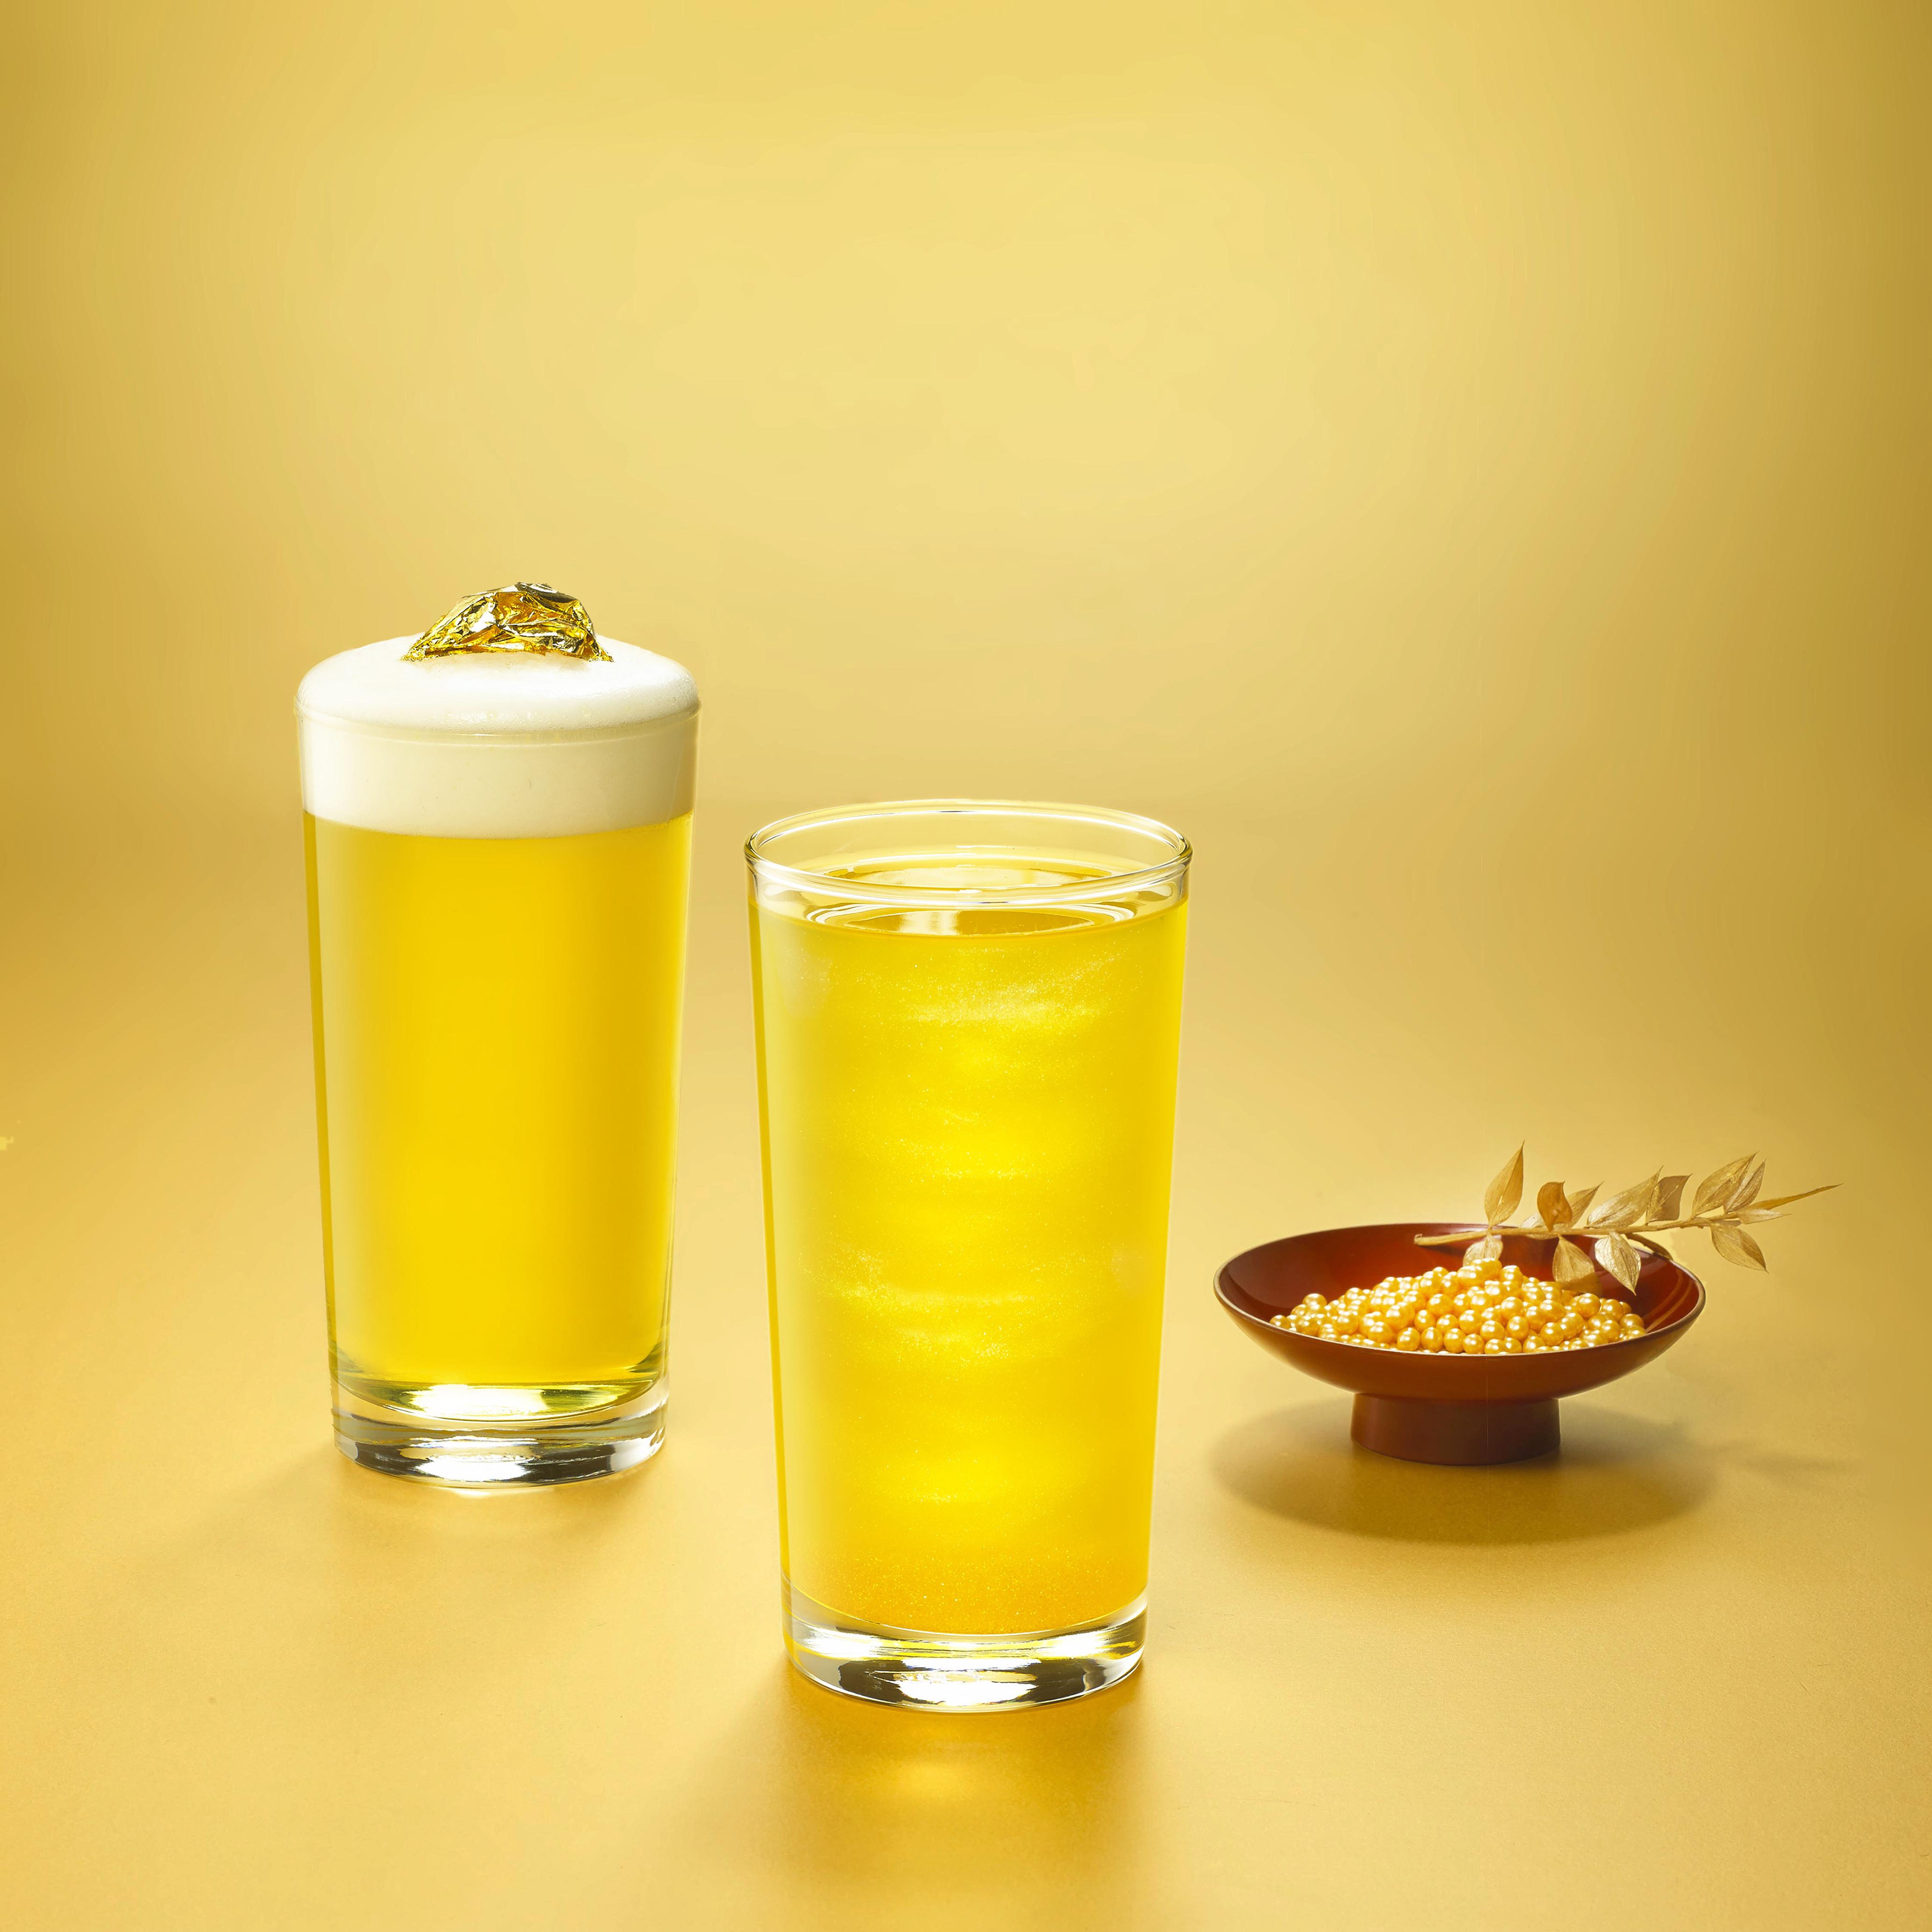 ▲▼金箔黃金烏龍茶(左)與黃金流星烏龍(右)。(圖/金品茶語提供)